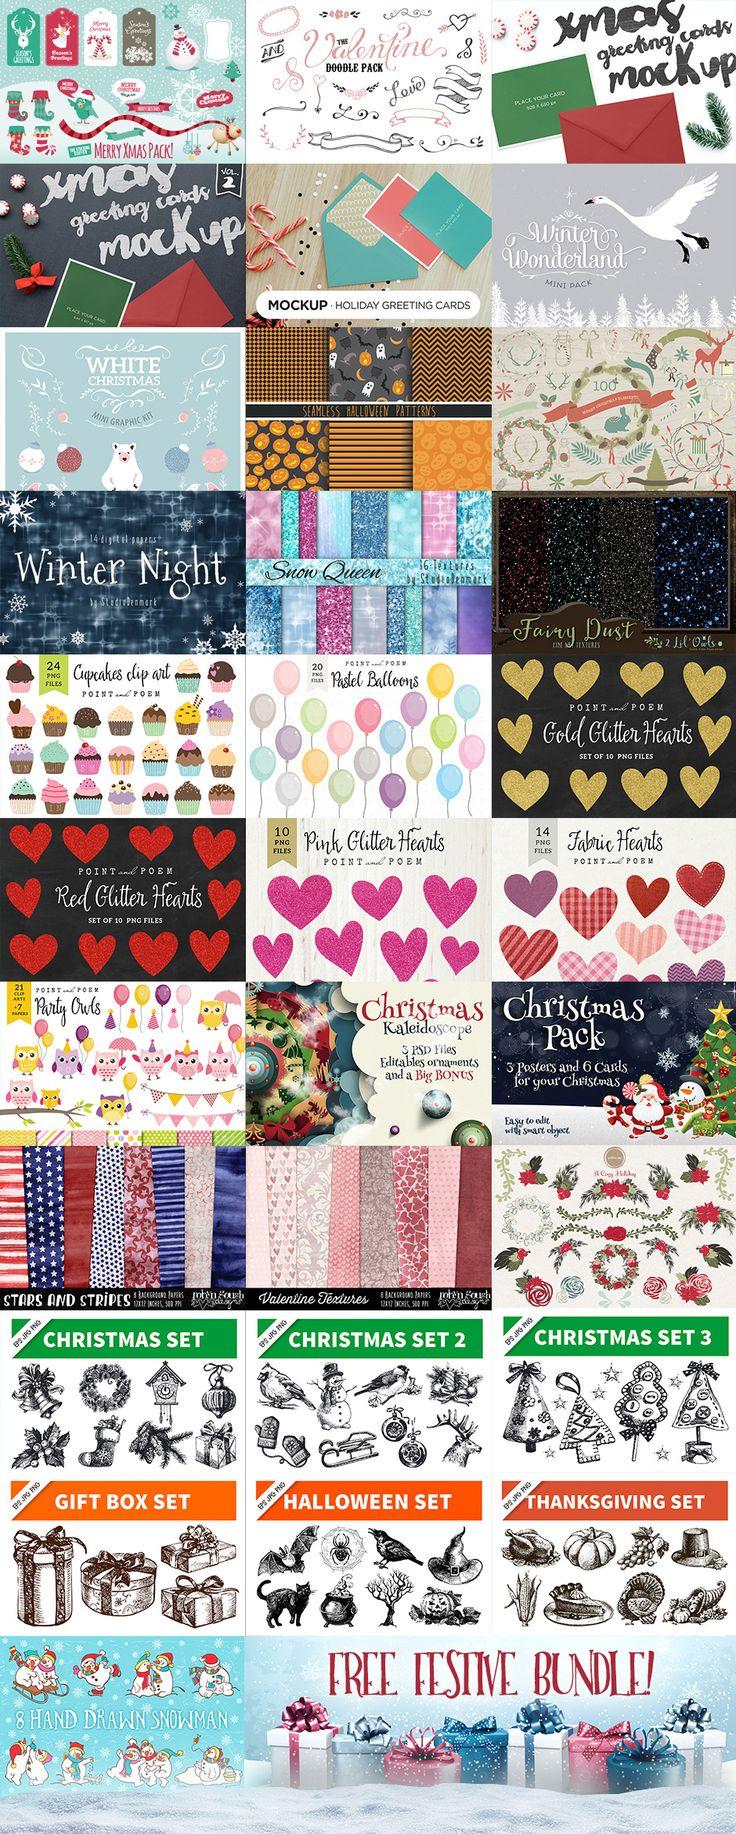 Poster design resources - 179 Best Design Resources Images On Pinterest Mockup Mock Up And Creative Design